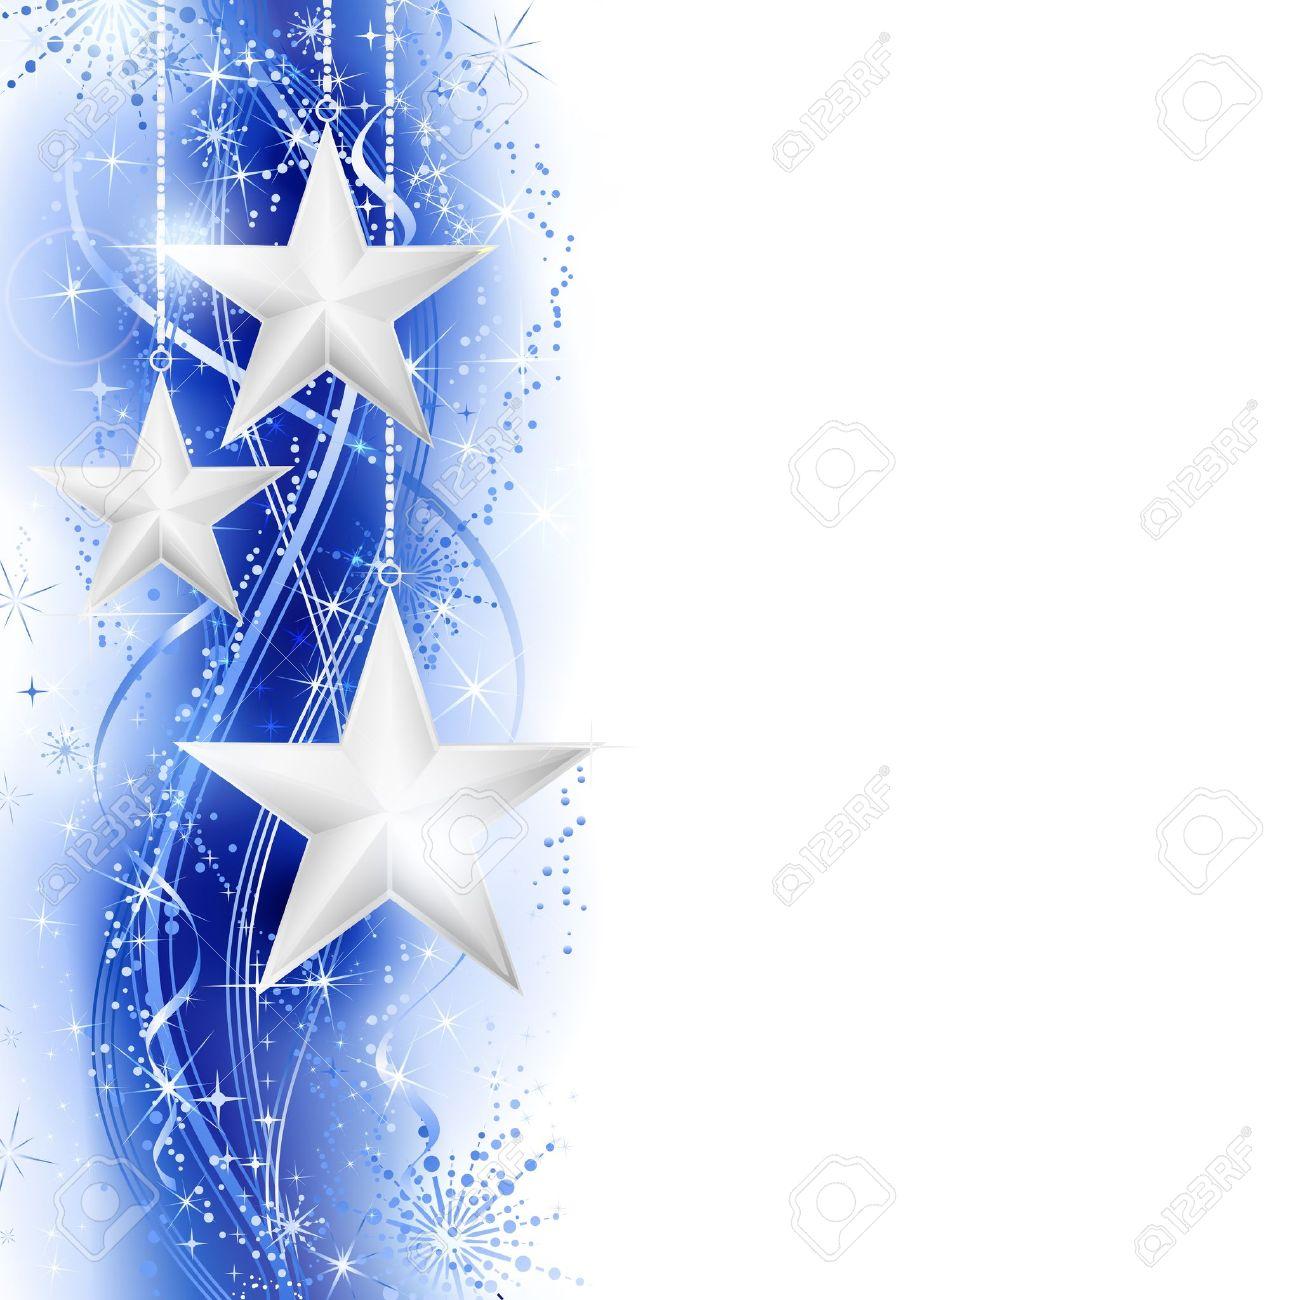 Frontera, Marco Con Estrellas De Plata Colgando Sobre Un Patrón ...